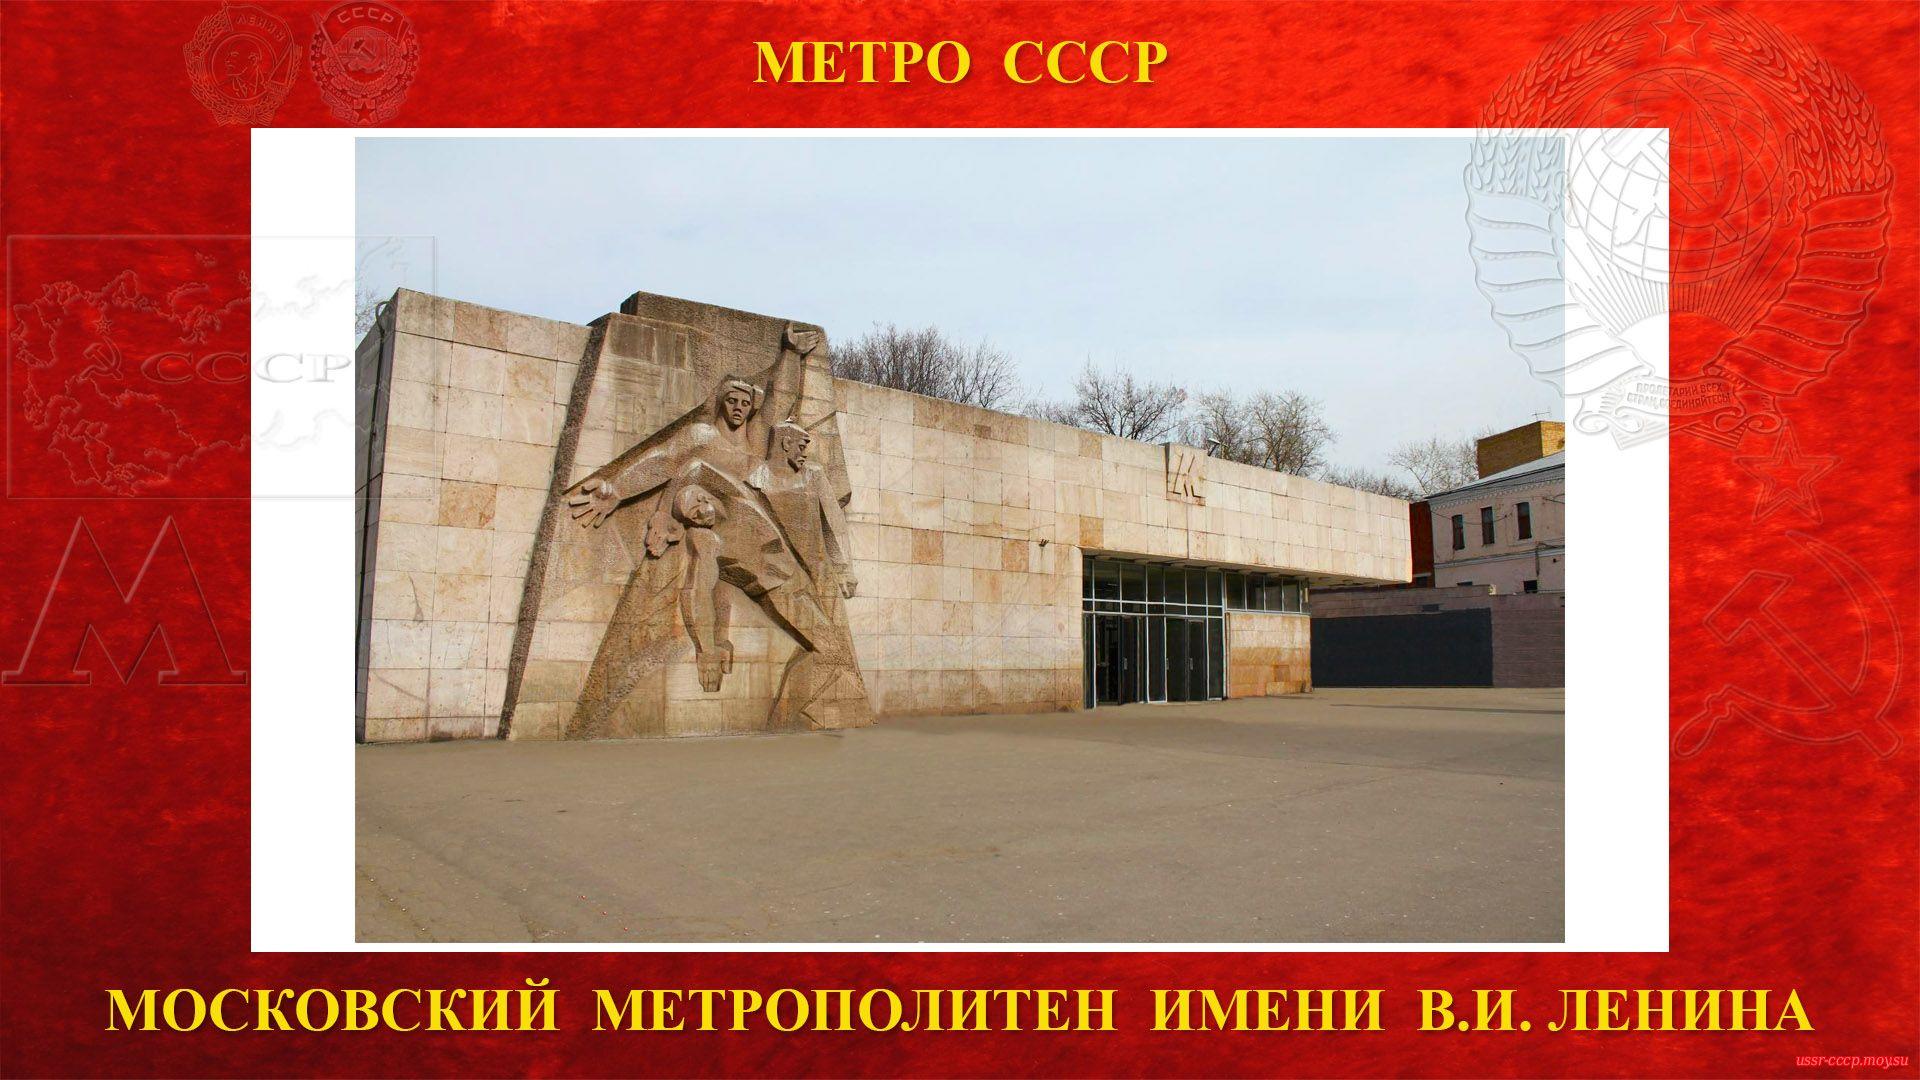 Баррикадная — Станция метро Москве (повествование)